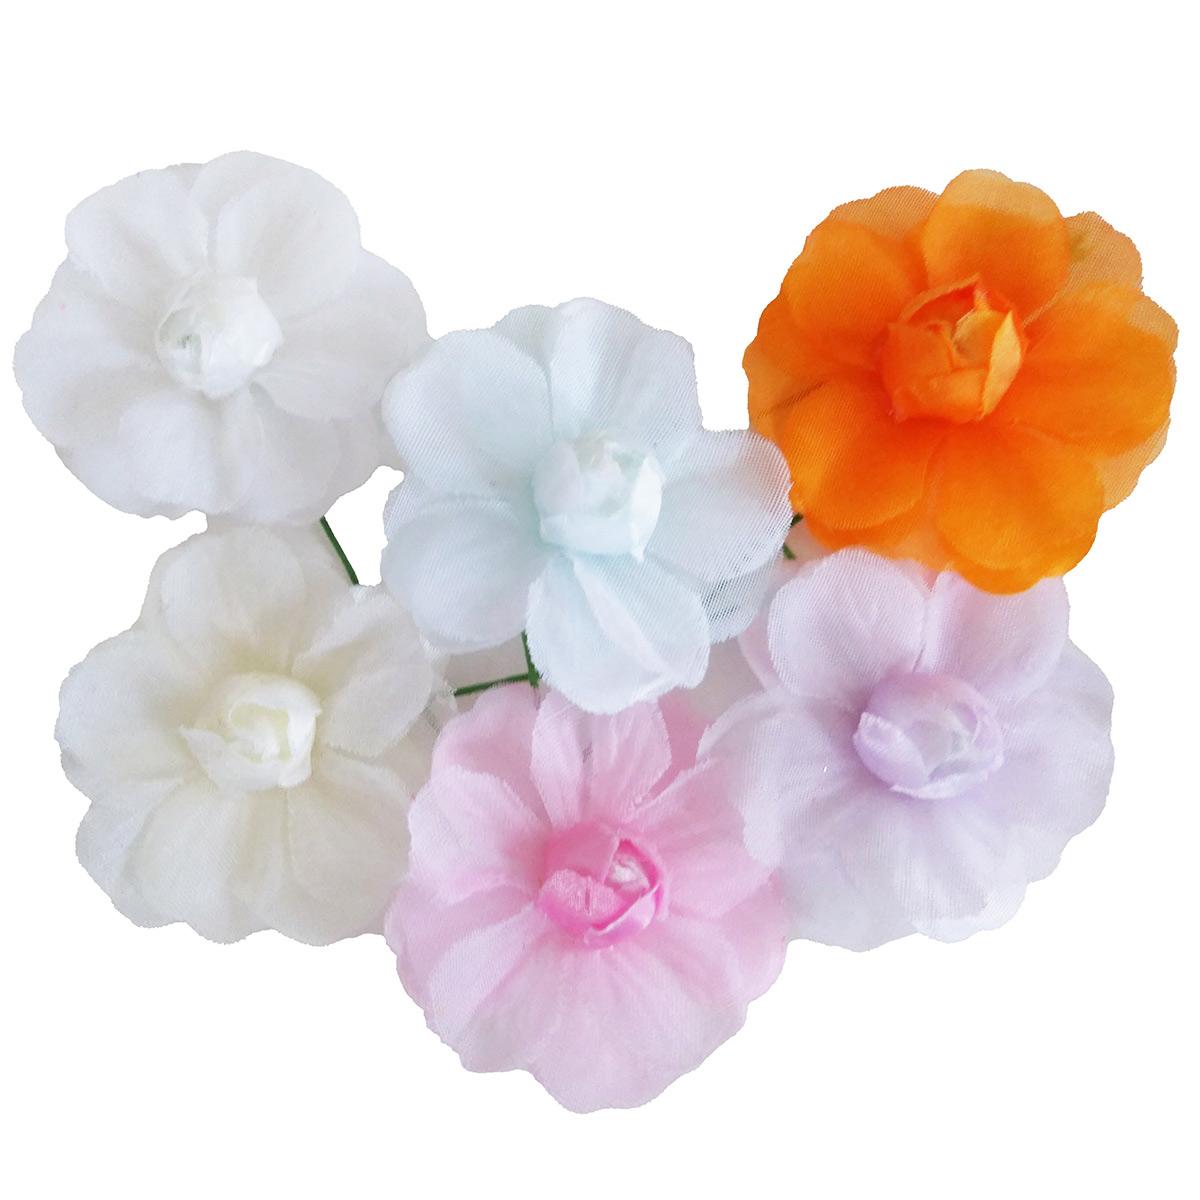 造花 メール便対応  アウトレット造花 バラ 406 ラッピング フラワー 髪飾りの作り方を動画で紹介